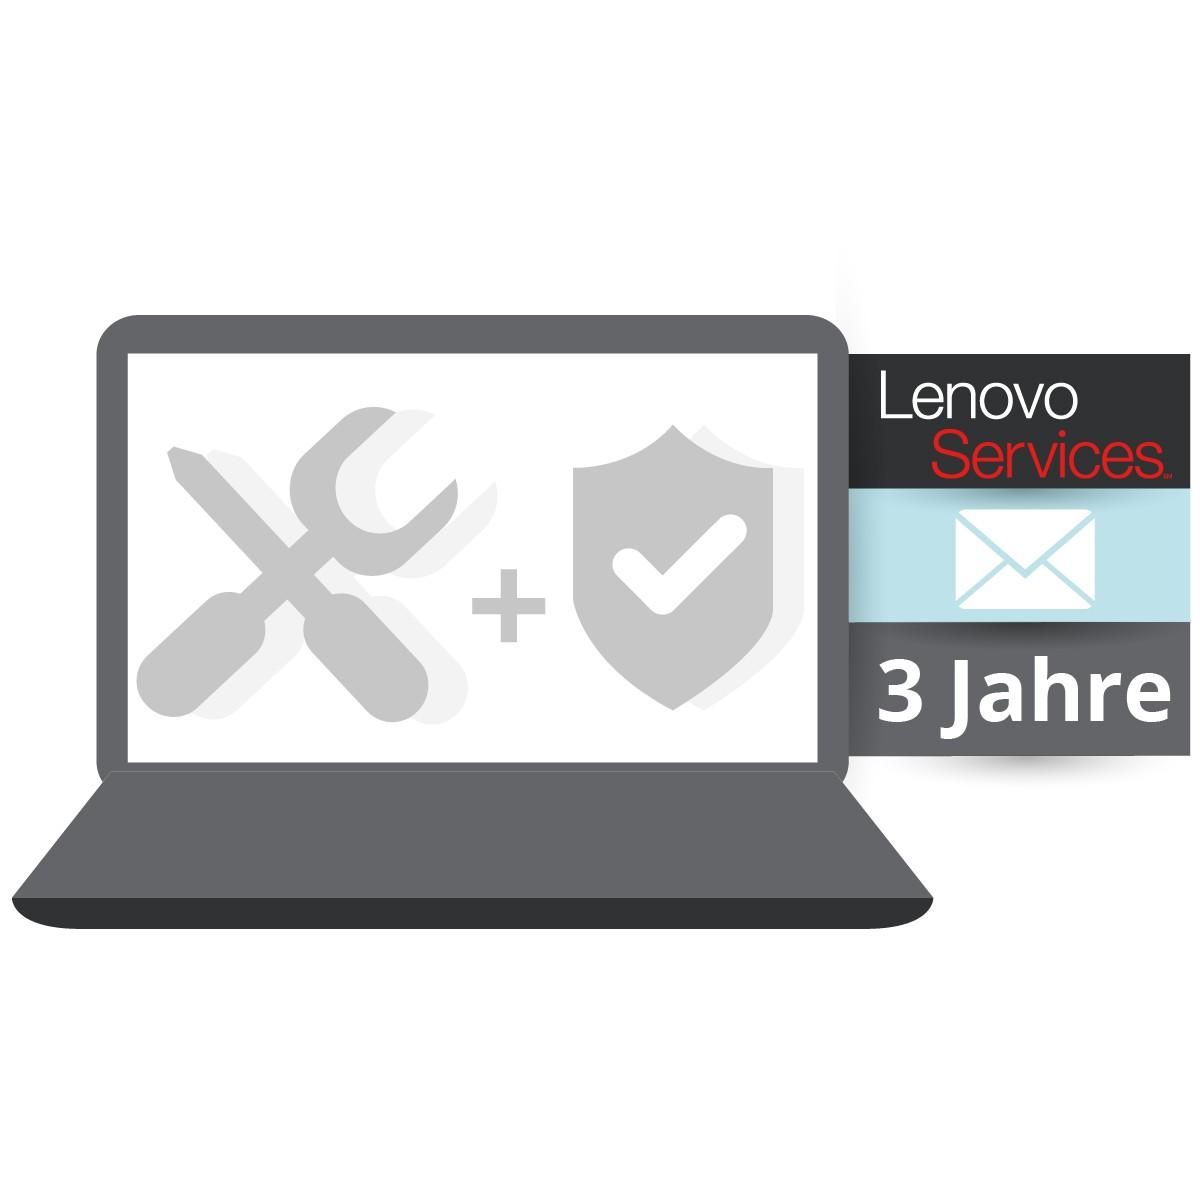 (EOL) Lenovo™ ThinkPlus® 3 Jahre Bring-In-Service (NBD) + Unfallschutz (Basisgarantie 1 Jahr Bring-I